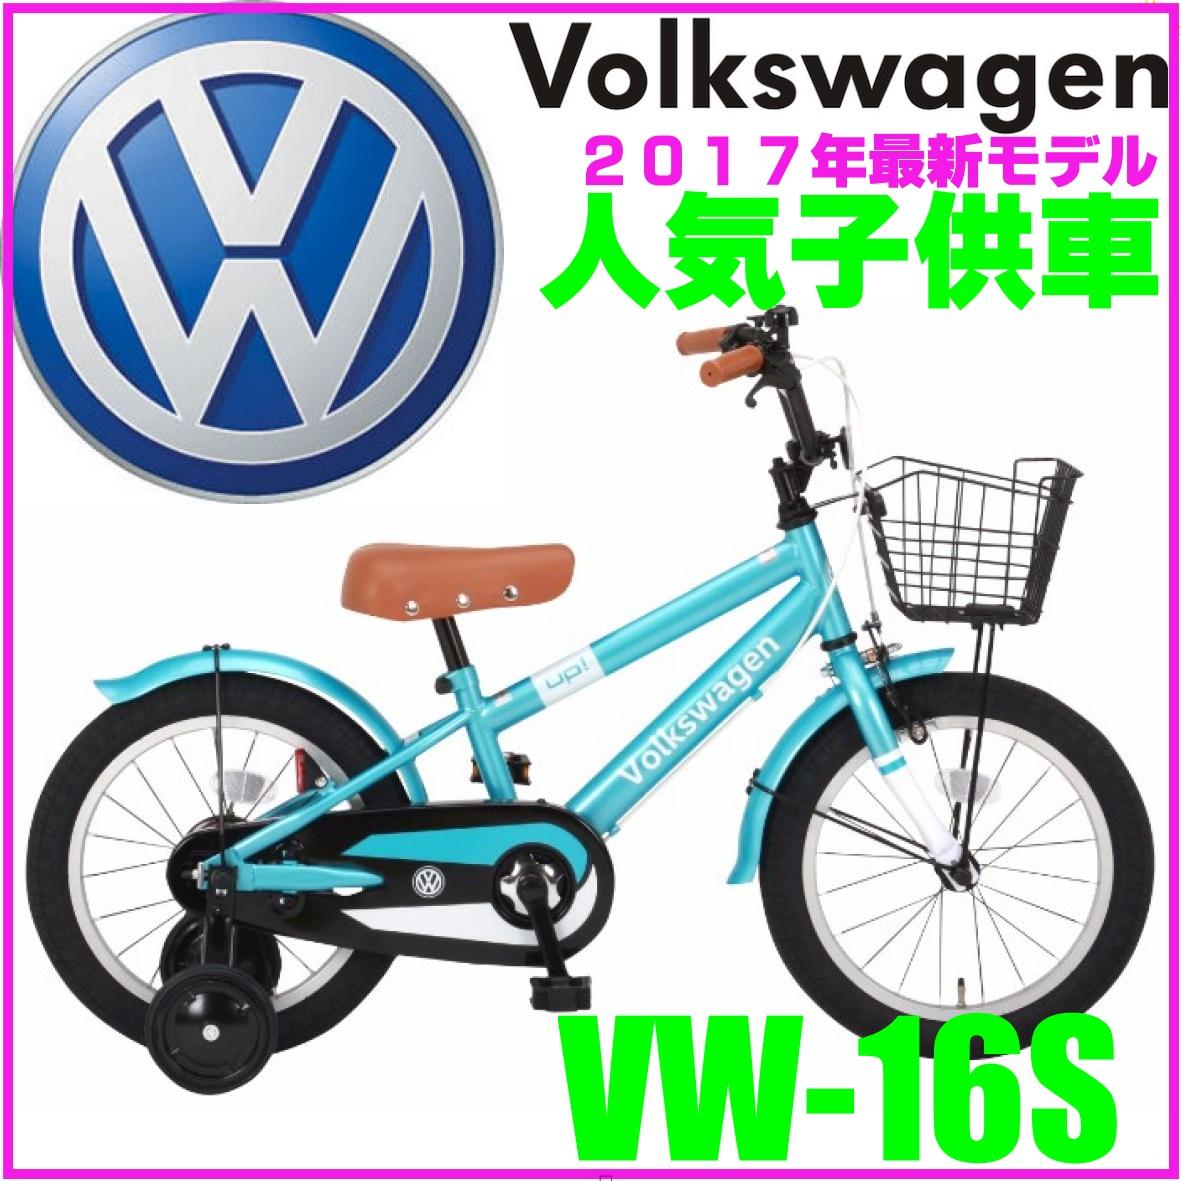 フォルクスワーゲン 自転車 子供用 Volkswagen 自転車 アクア ブルー 16インチ 自転車 補助輪付き フォルクスワーゲン VW-16S up! 子ども車 アップキッズ 自転車 ジュニア